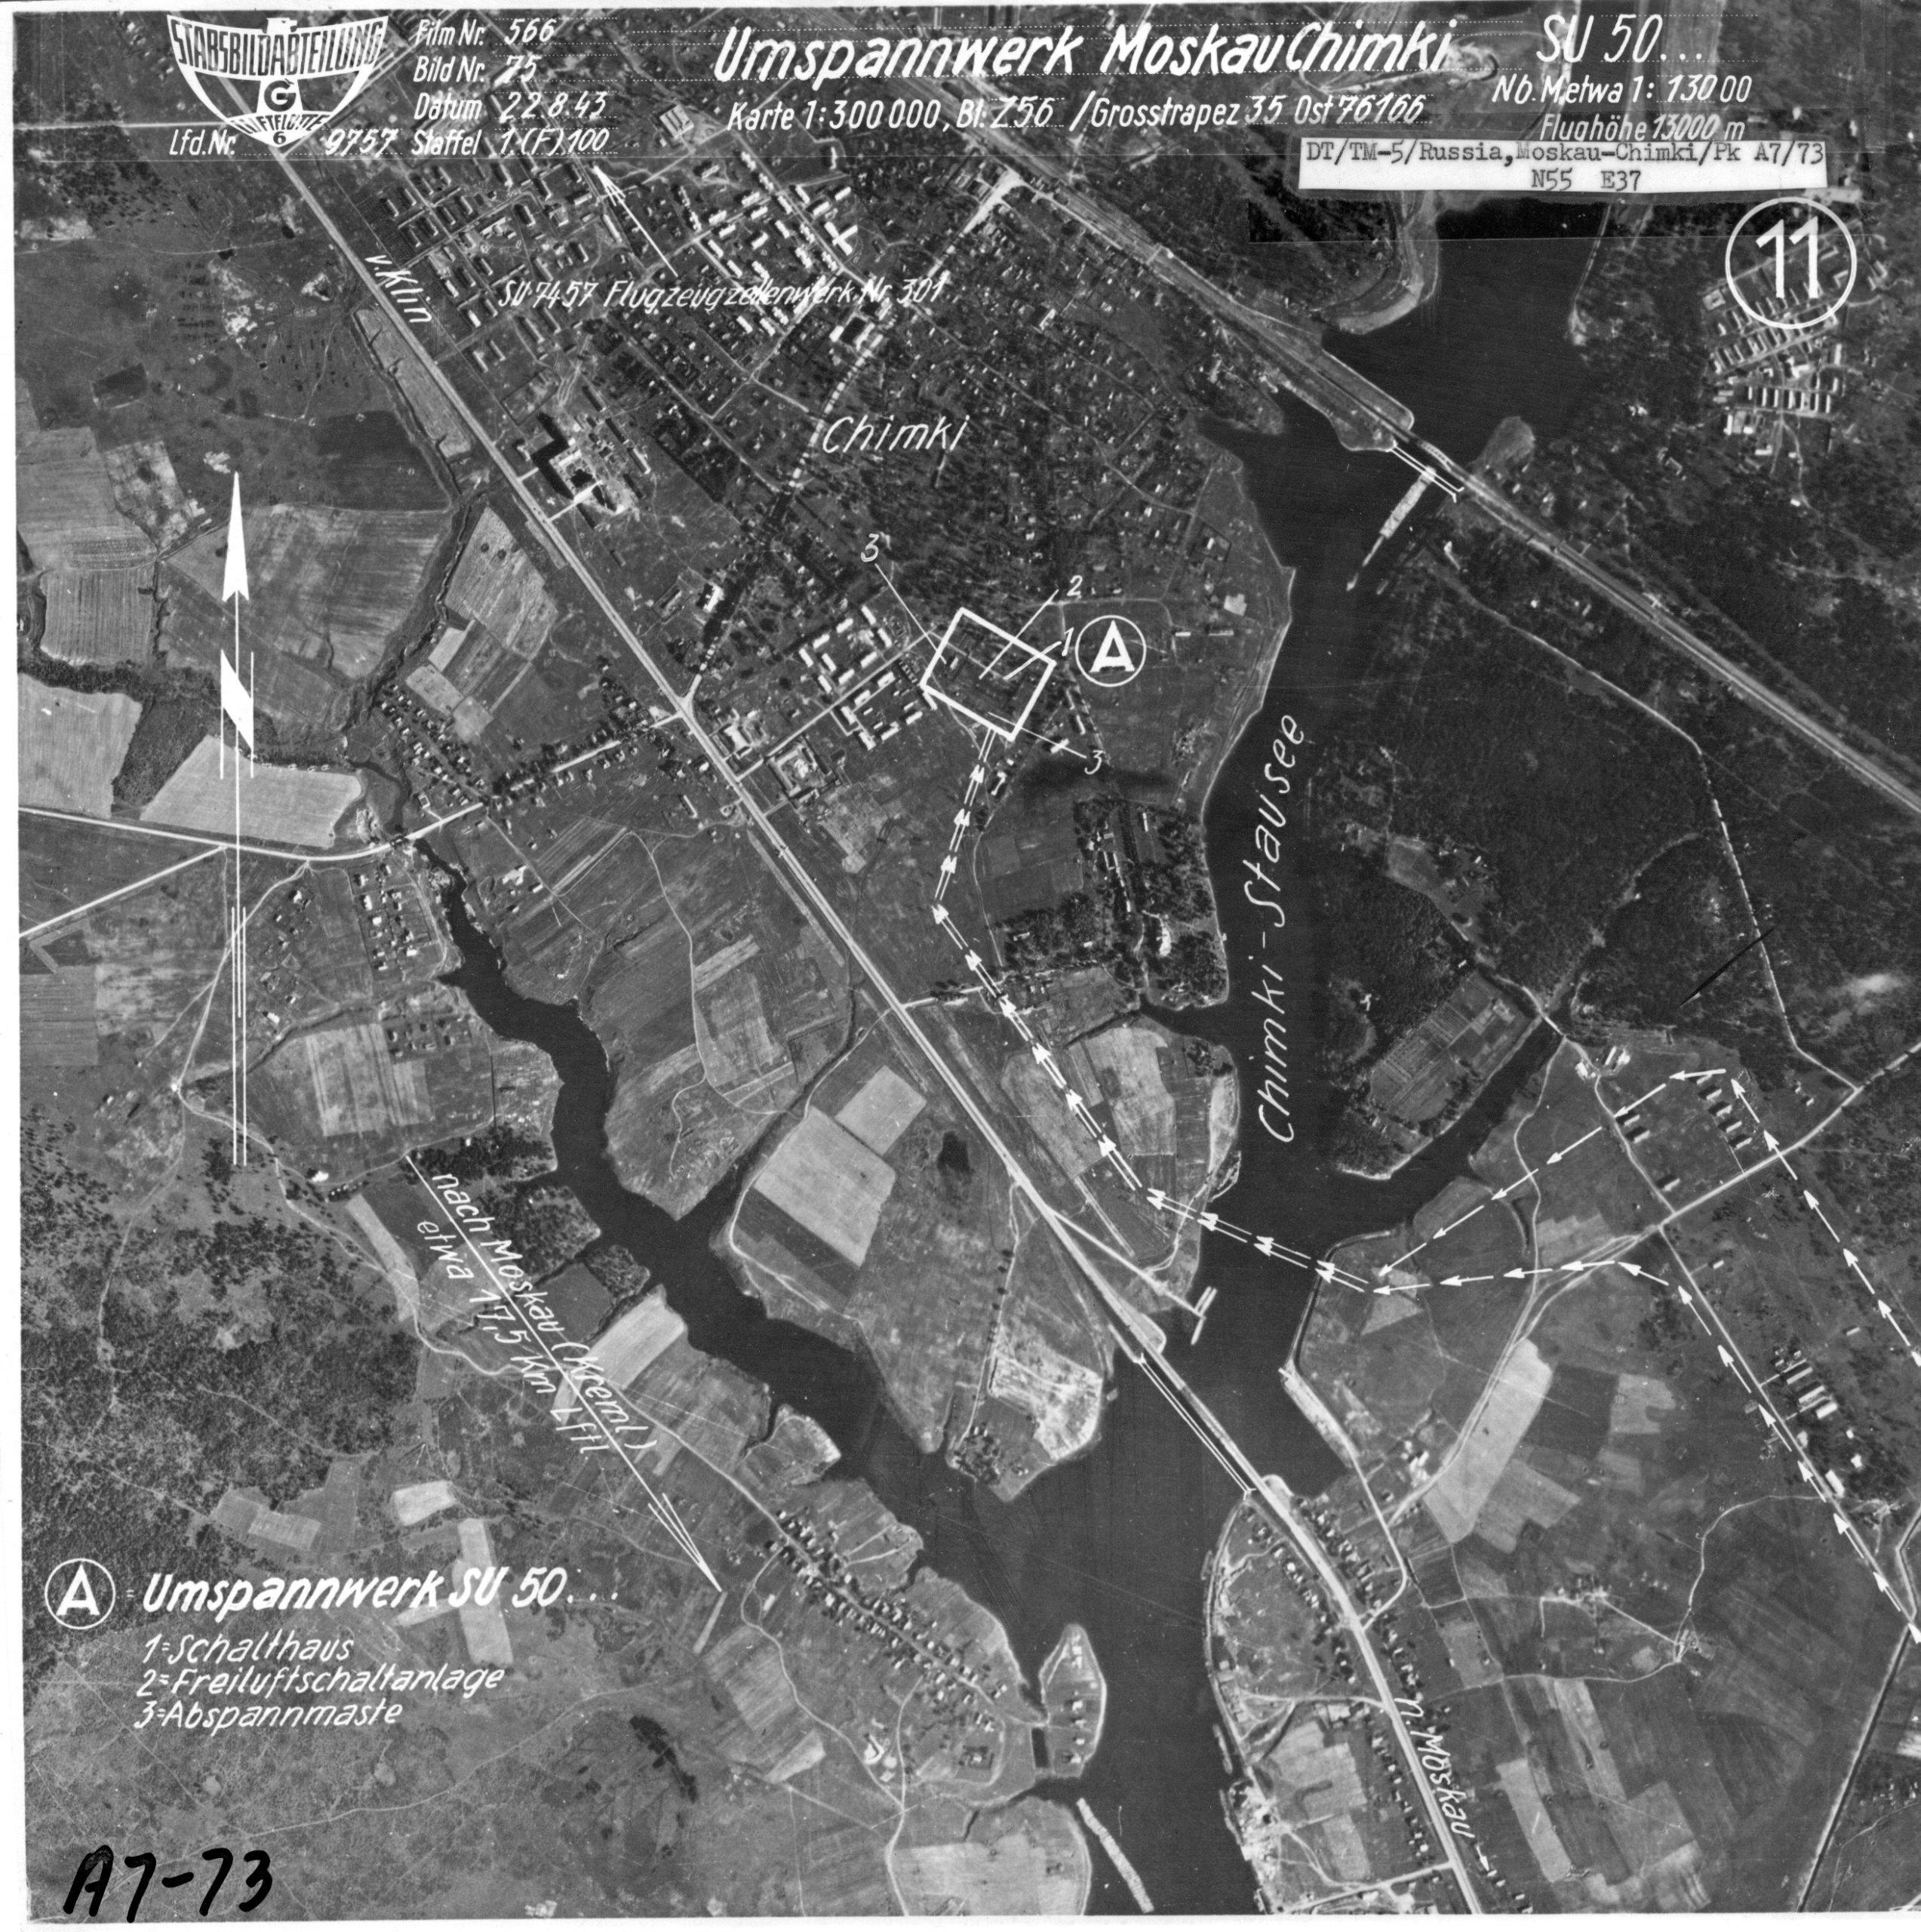 Фото 3. Немецкая аэрофотосъёмка электроподстанции на территории г. Химки от 22 августа 1943 г.